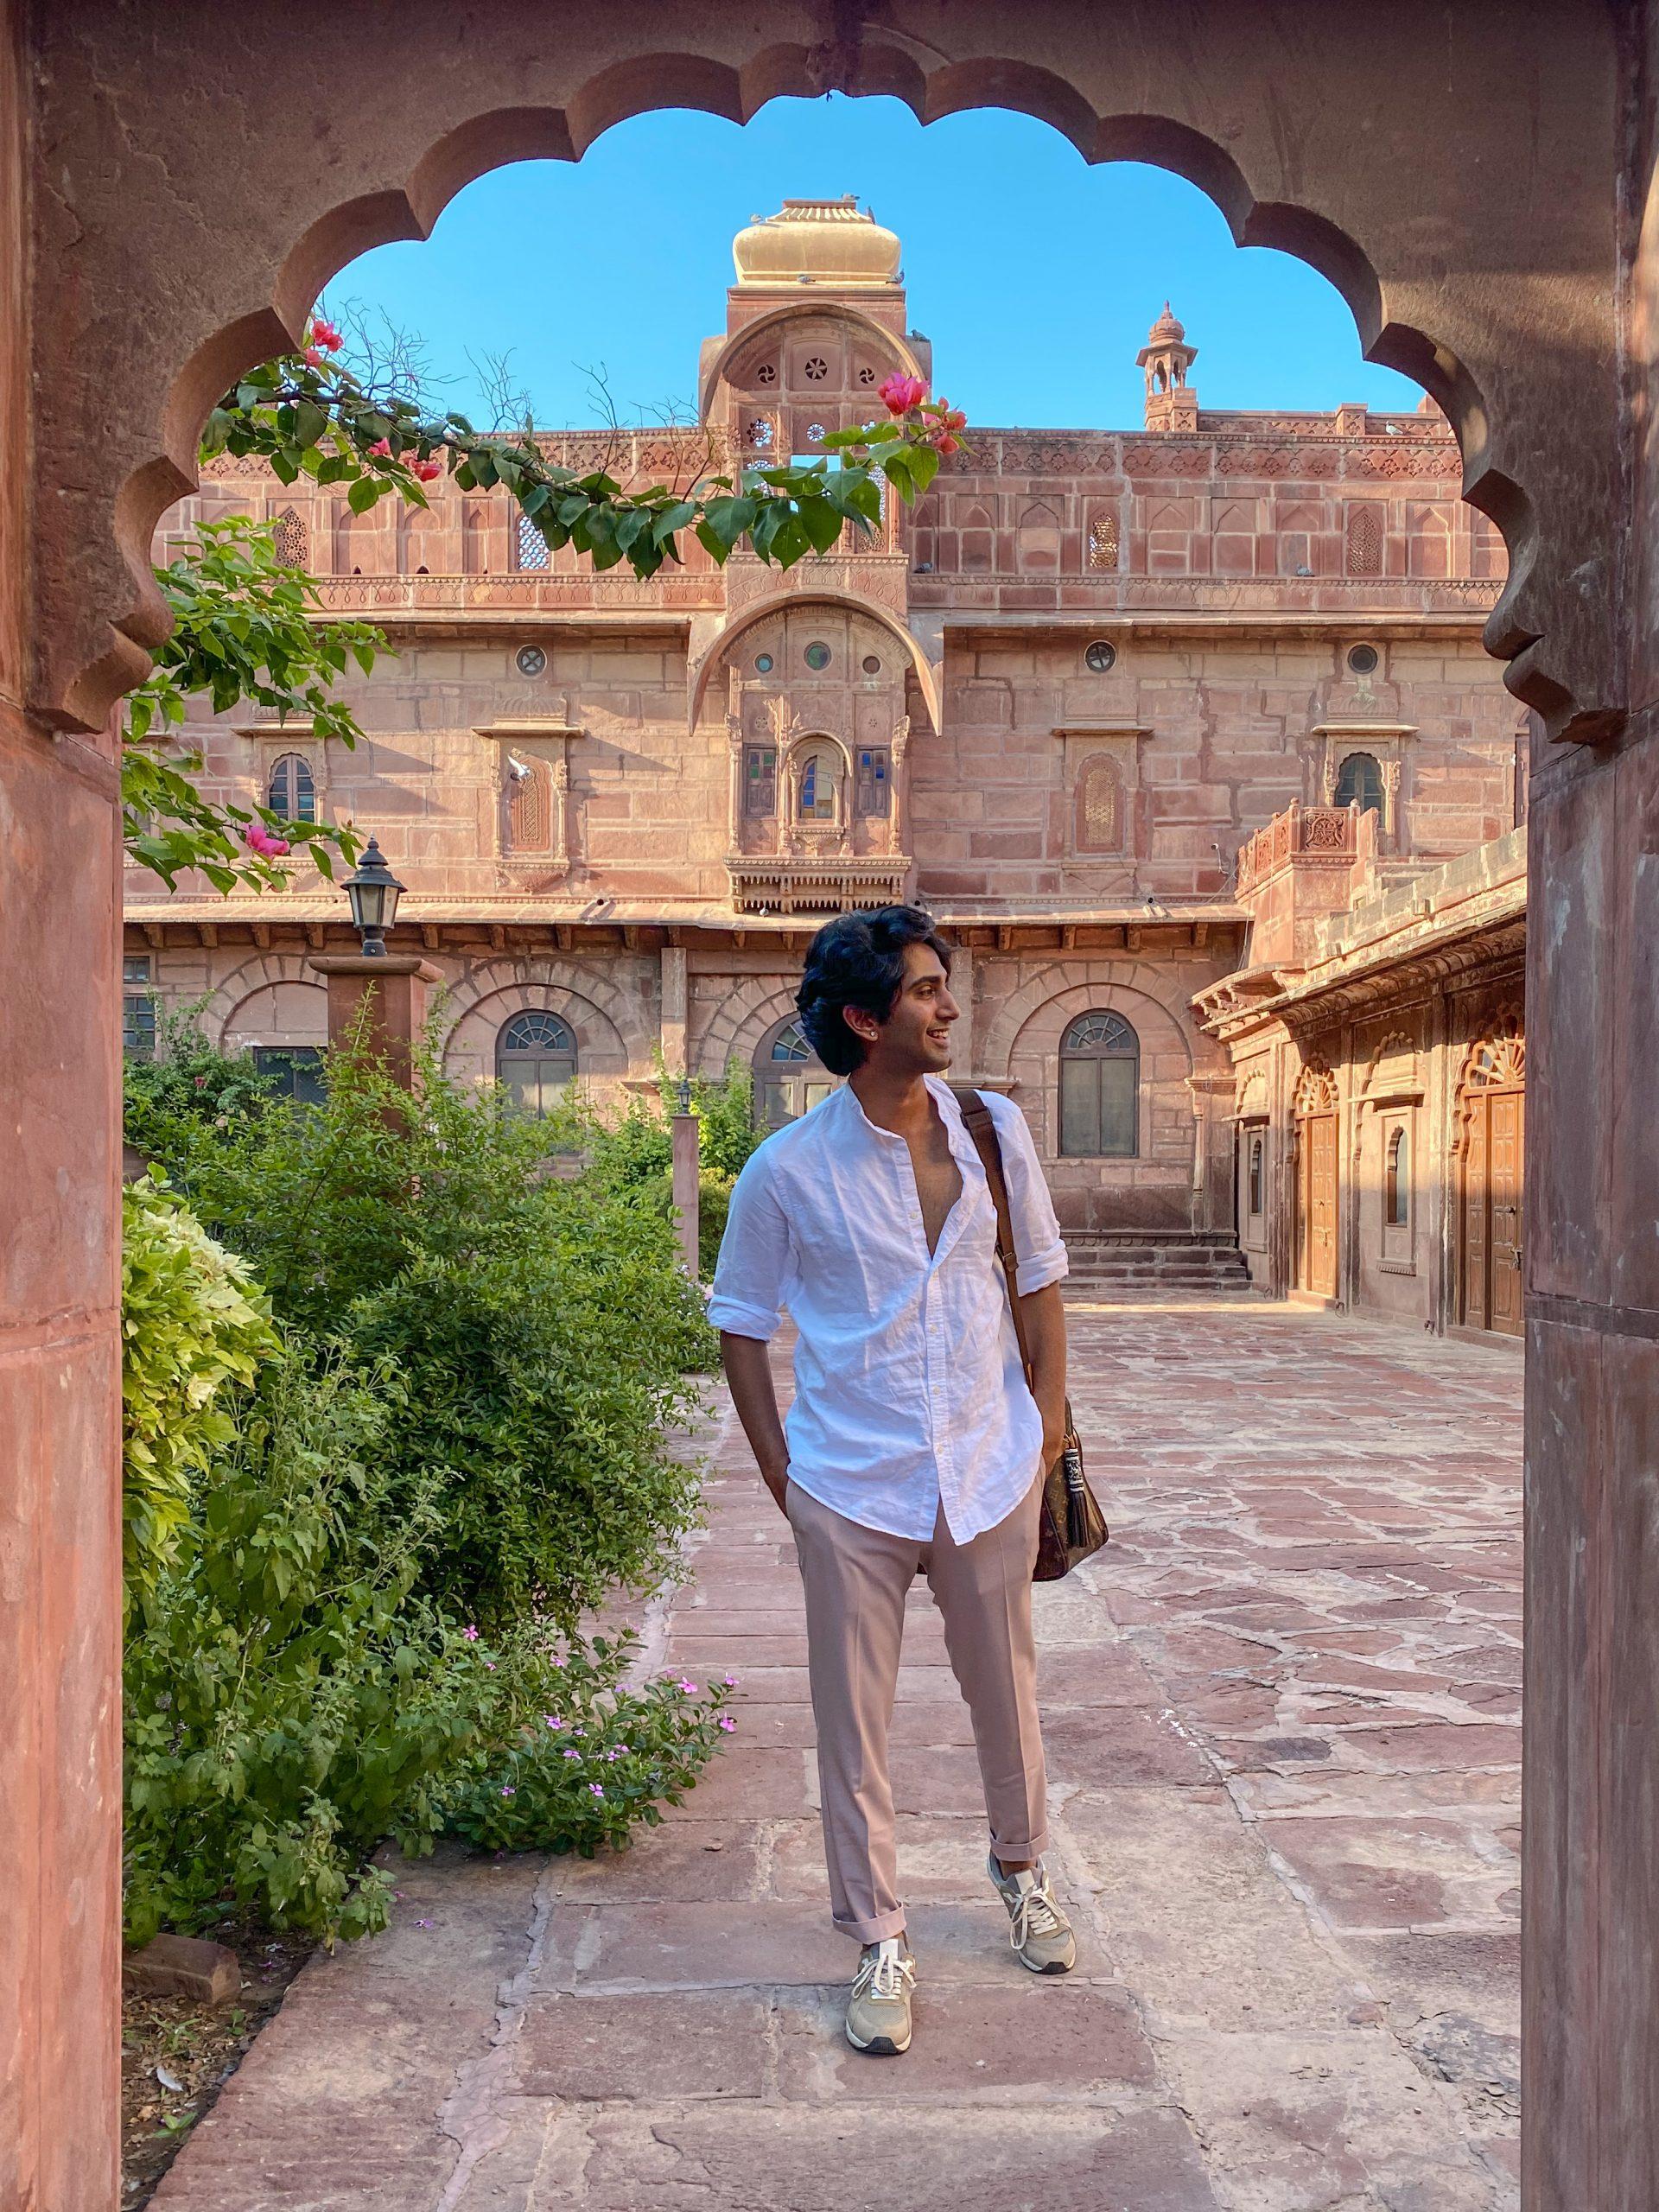 Akshayraj Singh Shaktawat